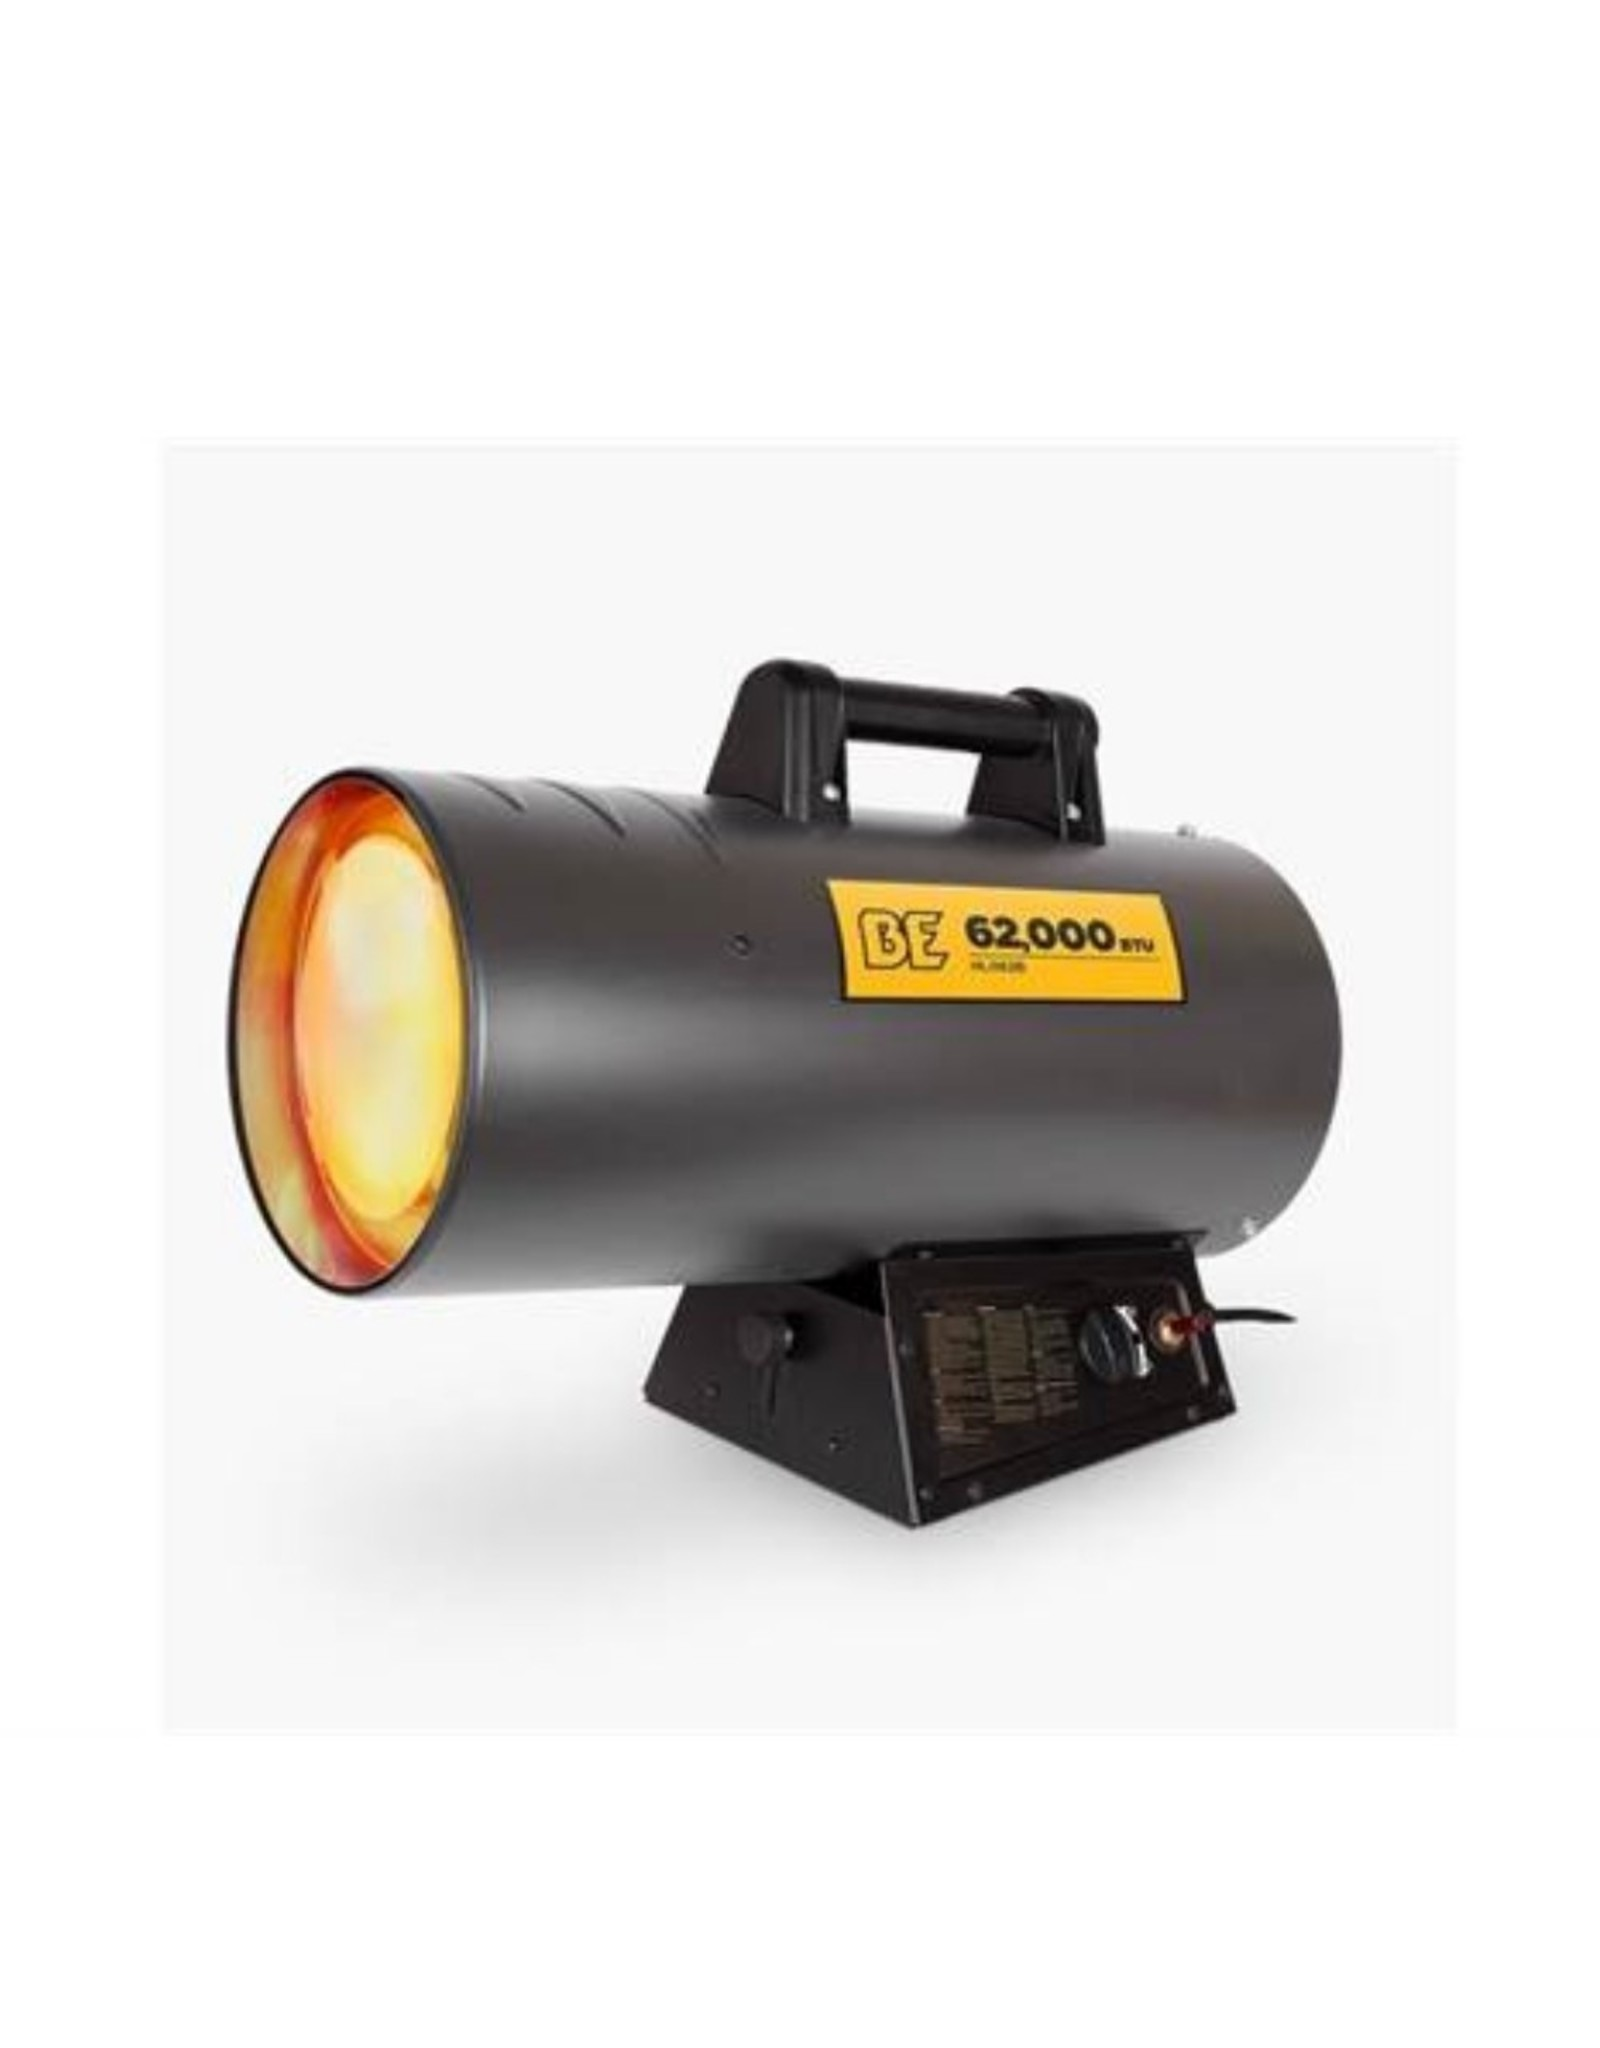 BE HL062B LPG 62,000 BTU Forced Air Heater